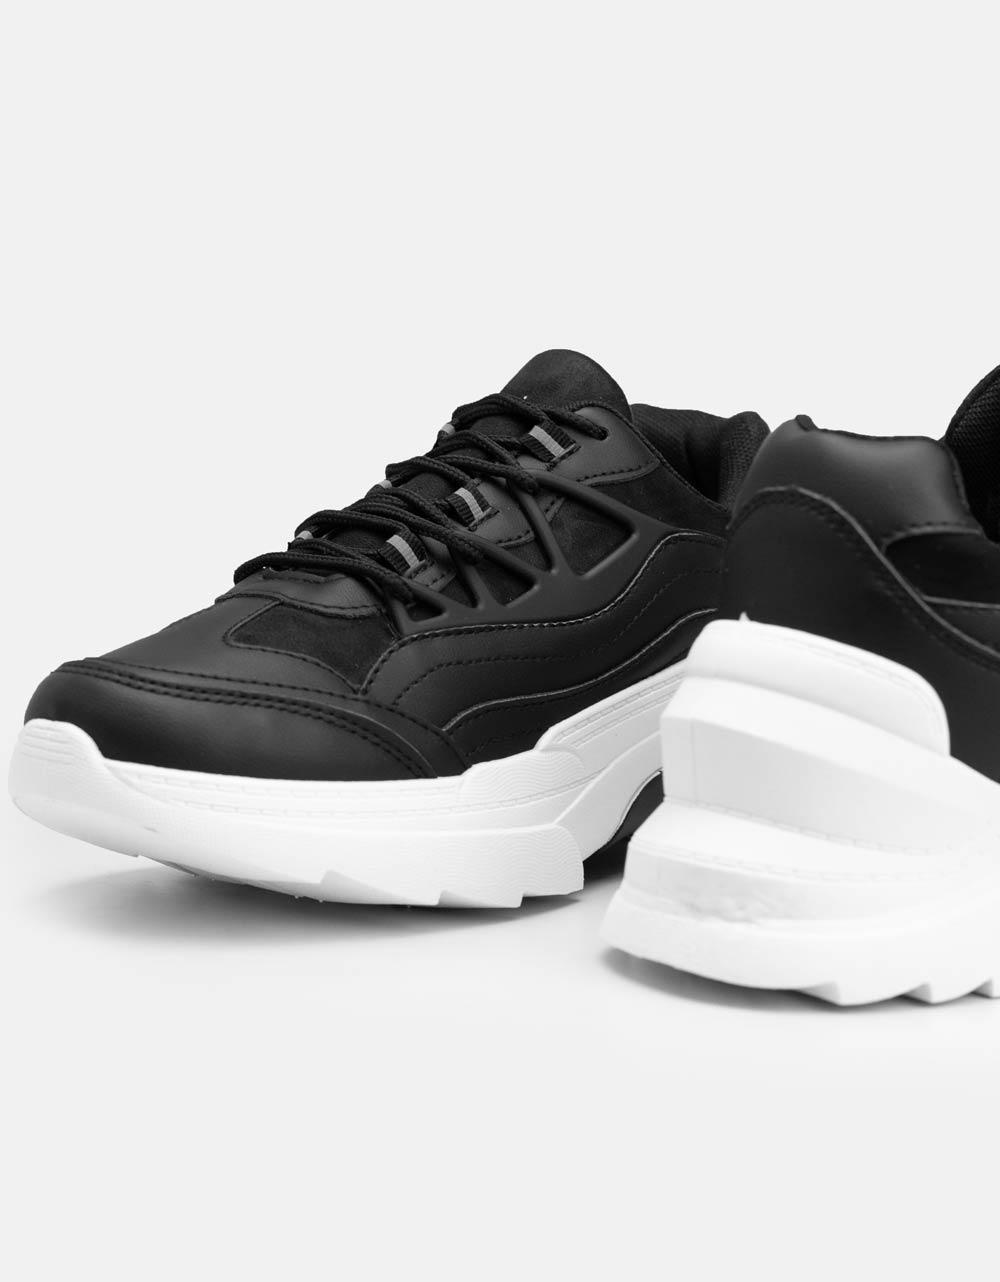 Εικόνα από Γυναικεία sneaker με τρακτερωτή σόλα Μαύρο